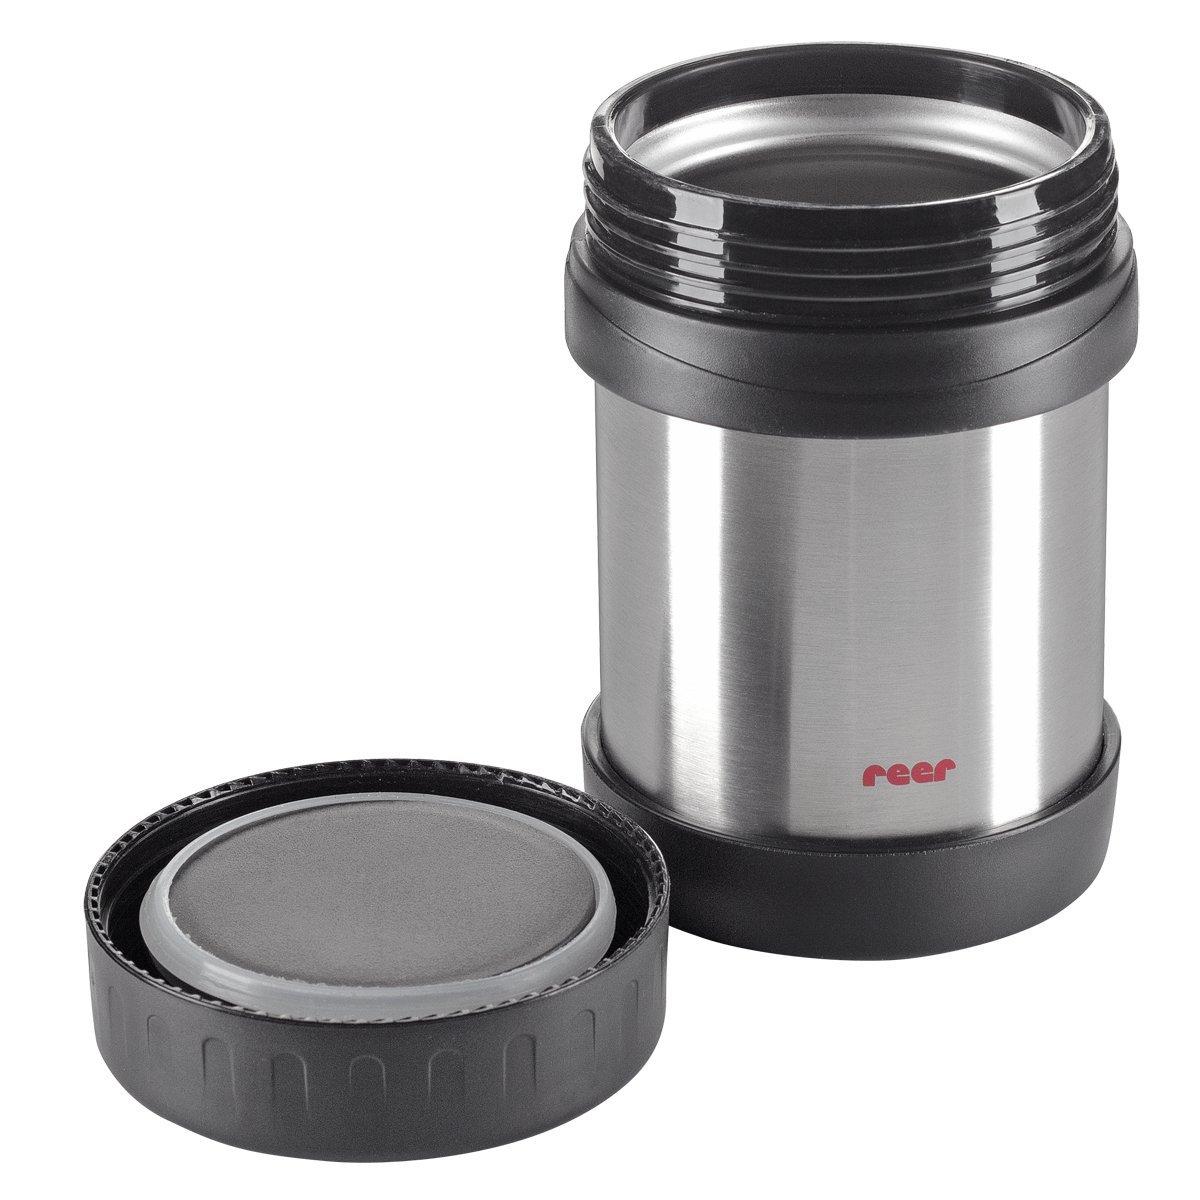 Reer 90400 - Edelstahl - Warmhaltebox für Nahrung, 350 ml